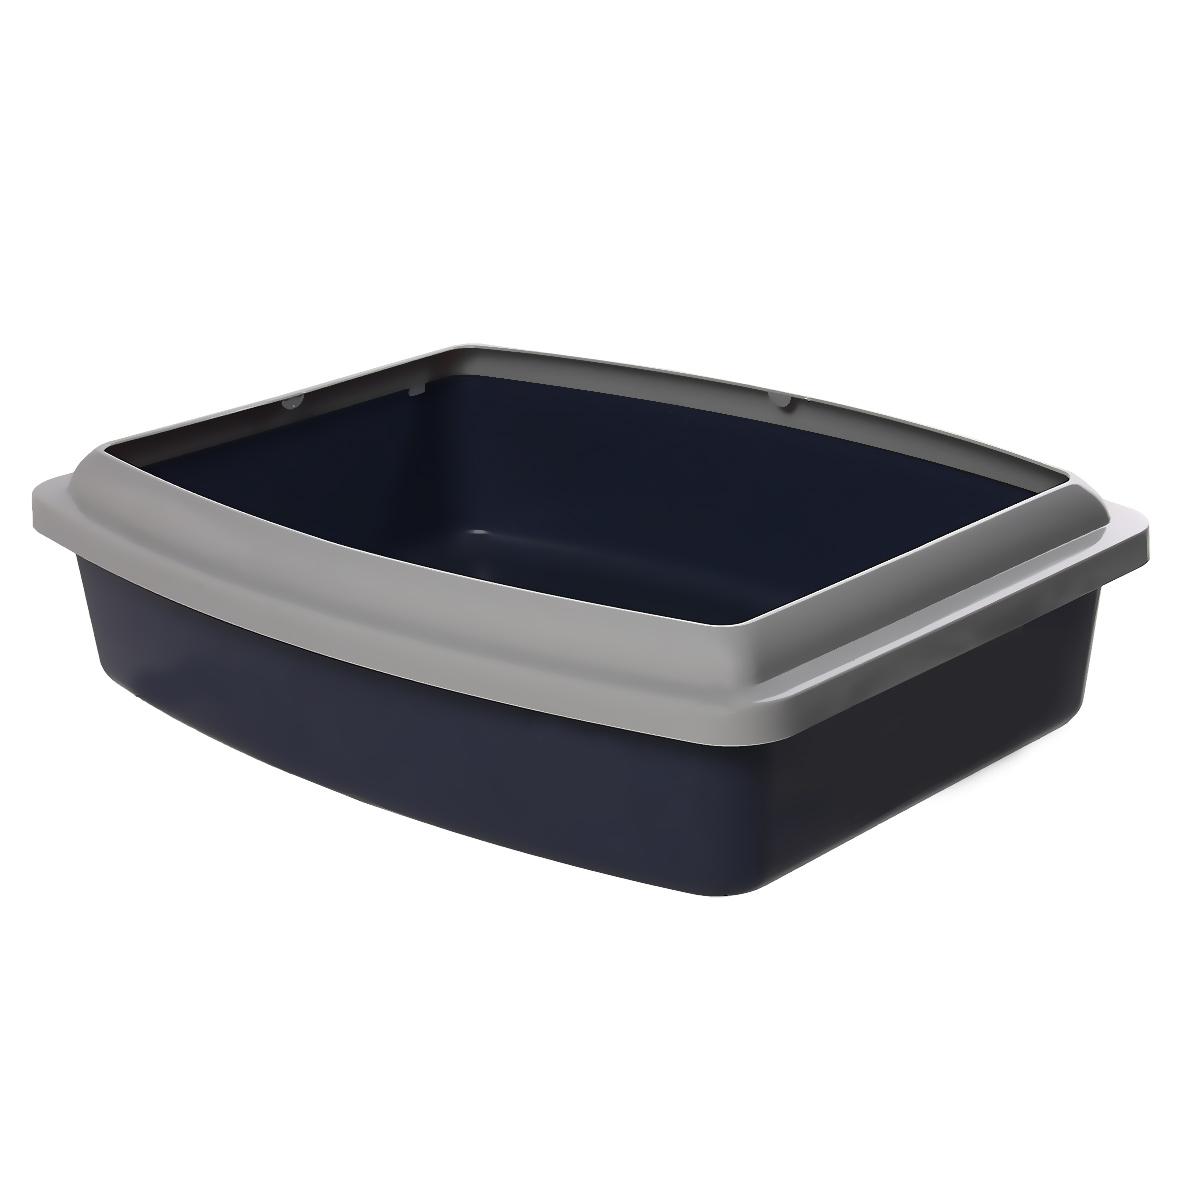 Туалет для кошек Savic Oval Trays Jumbo, с бортом, цвет: темно-синий, серый, 56 х 44 см209Туалет для кошек Savic Oval Trays Jumbo изготовлен из качественного прочного пластика. Высокий цветной борт, прикрепленный по периметру лотка, удобно защелкивается и предотвращает разбрасывание наполнителя.Это самый простой в употреблении предмет обихода для кошек и котов.